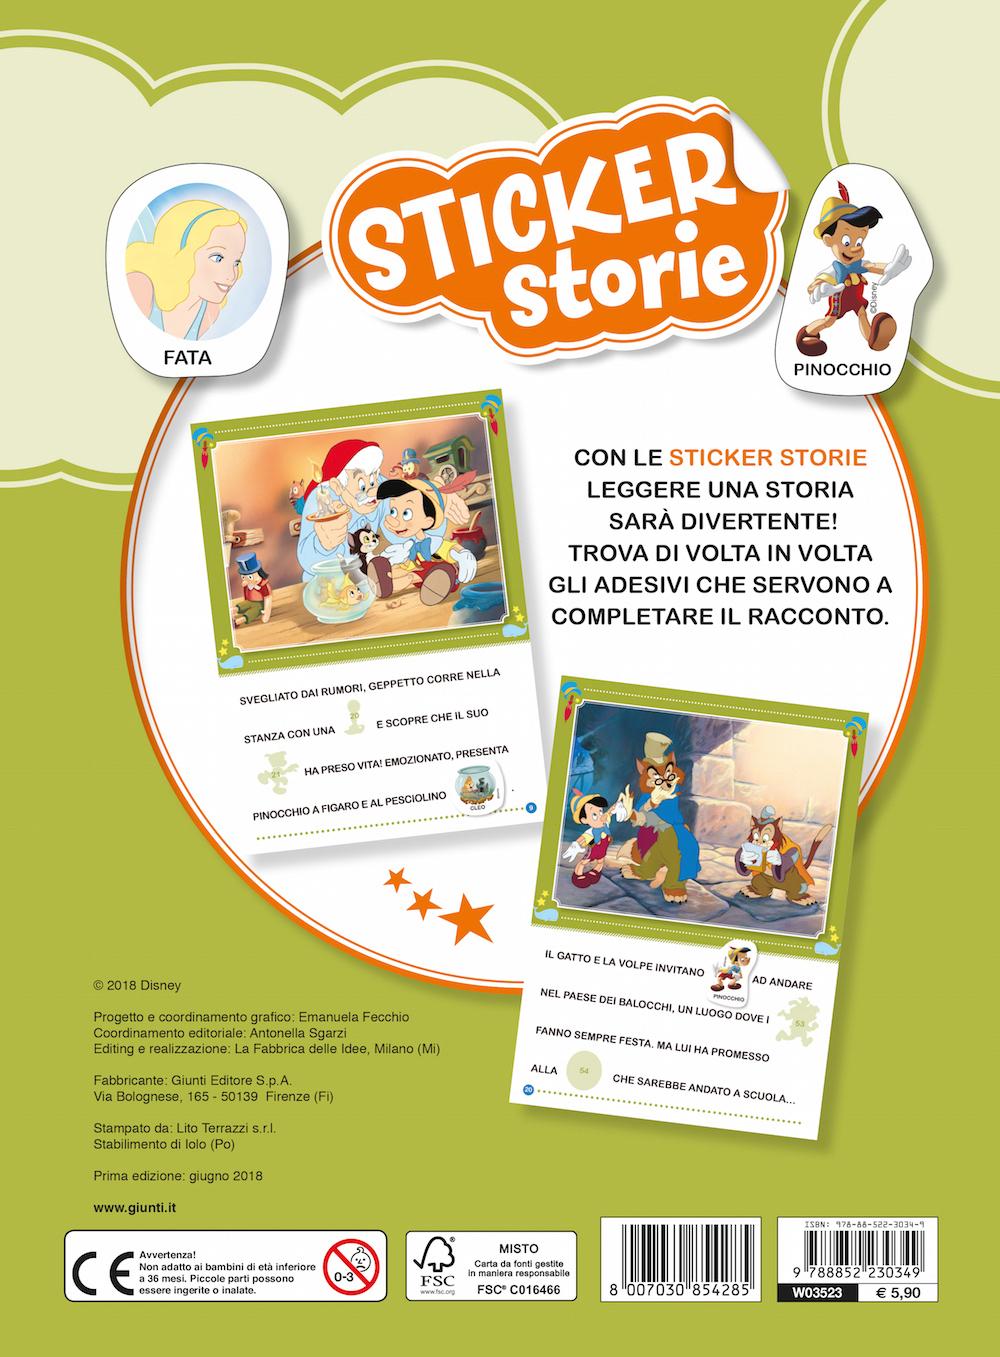 Sticker Storie - Pinocchio